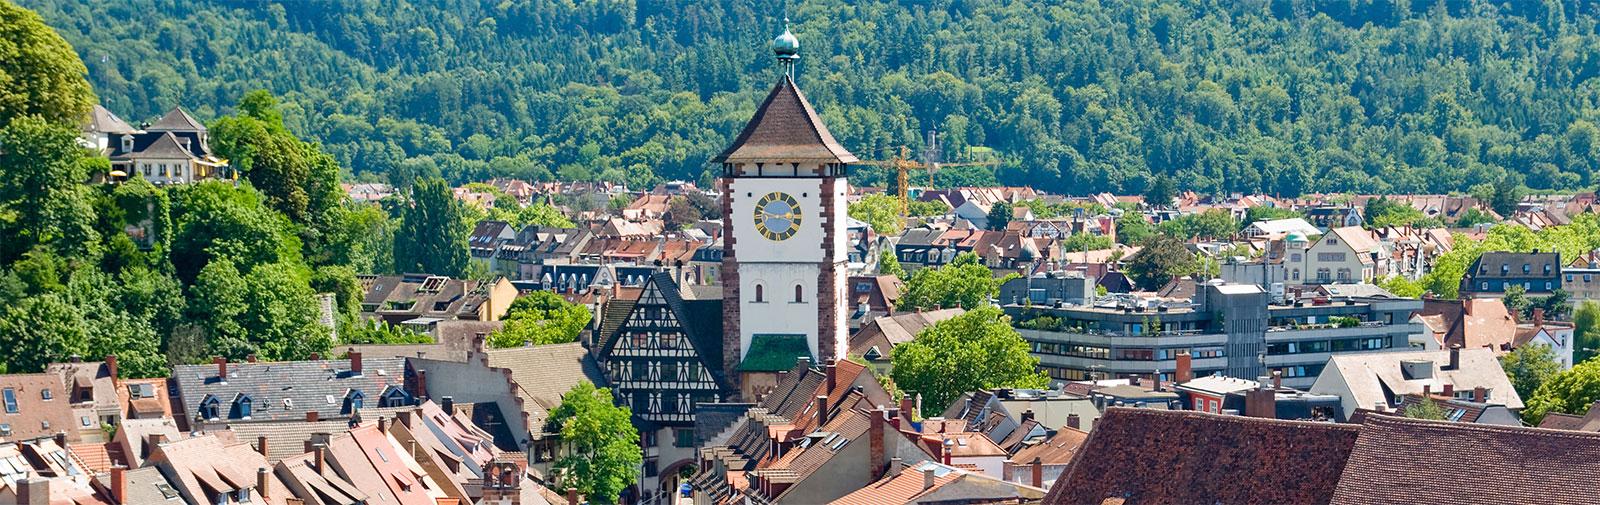 Schwarzwald, Deutschland